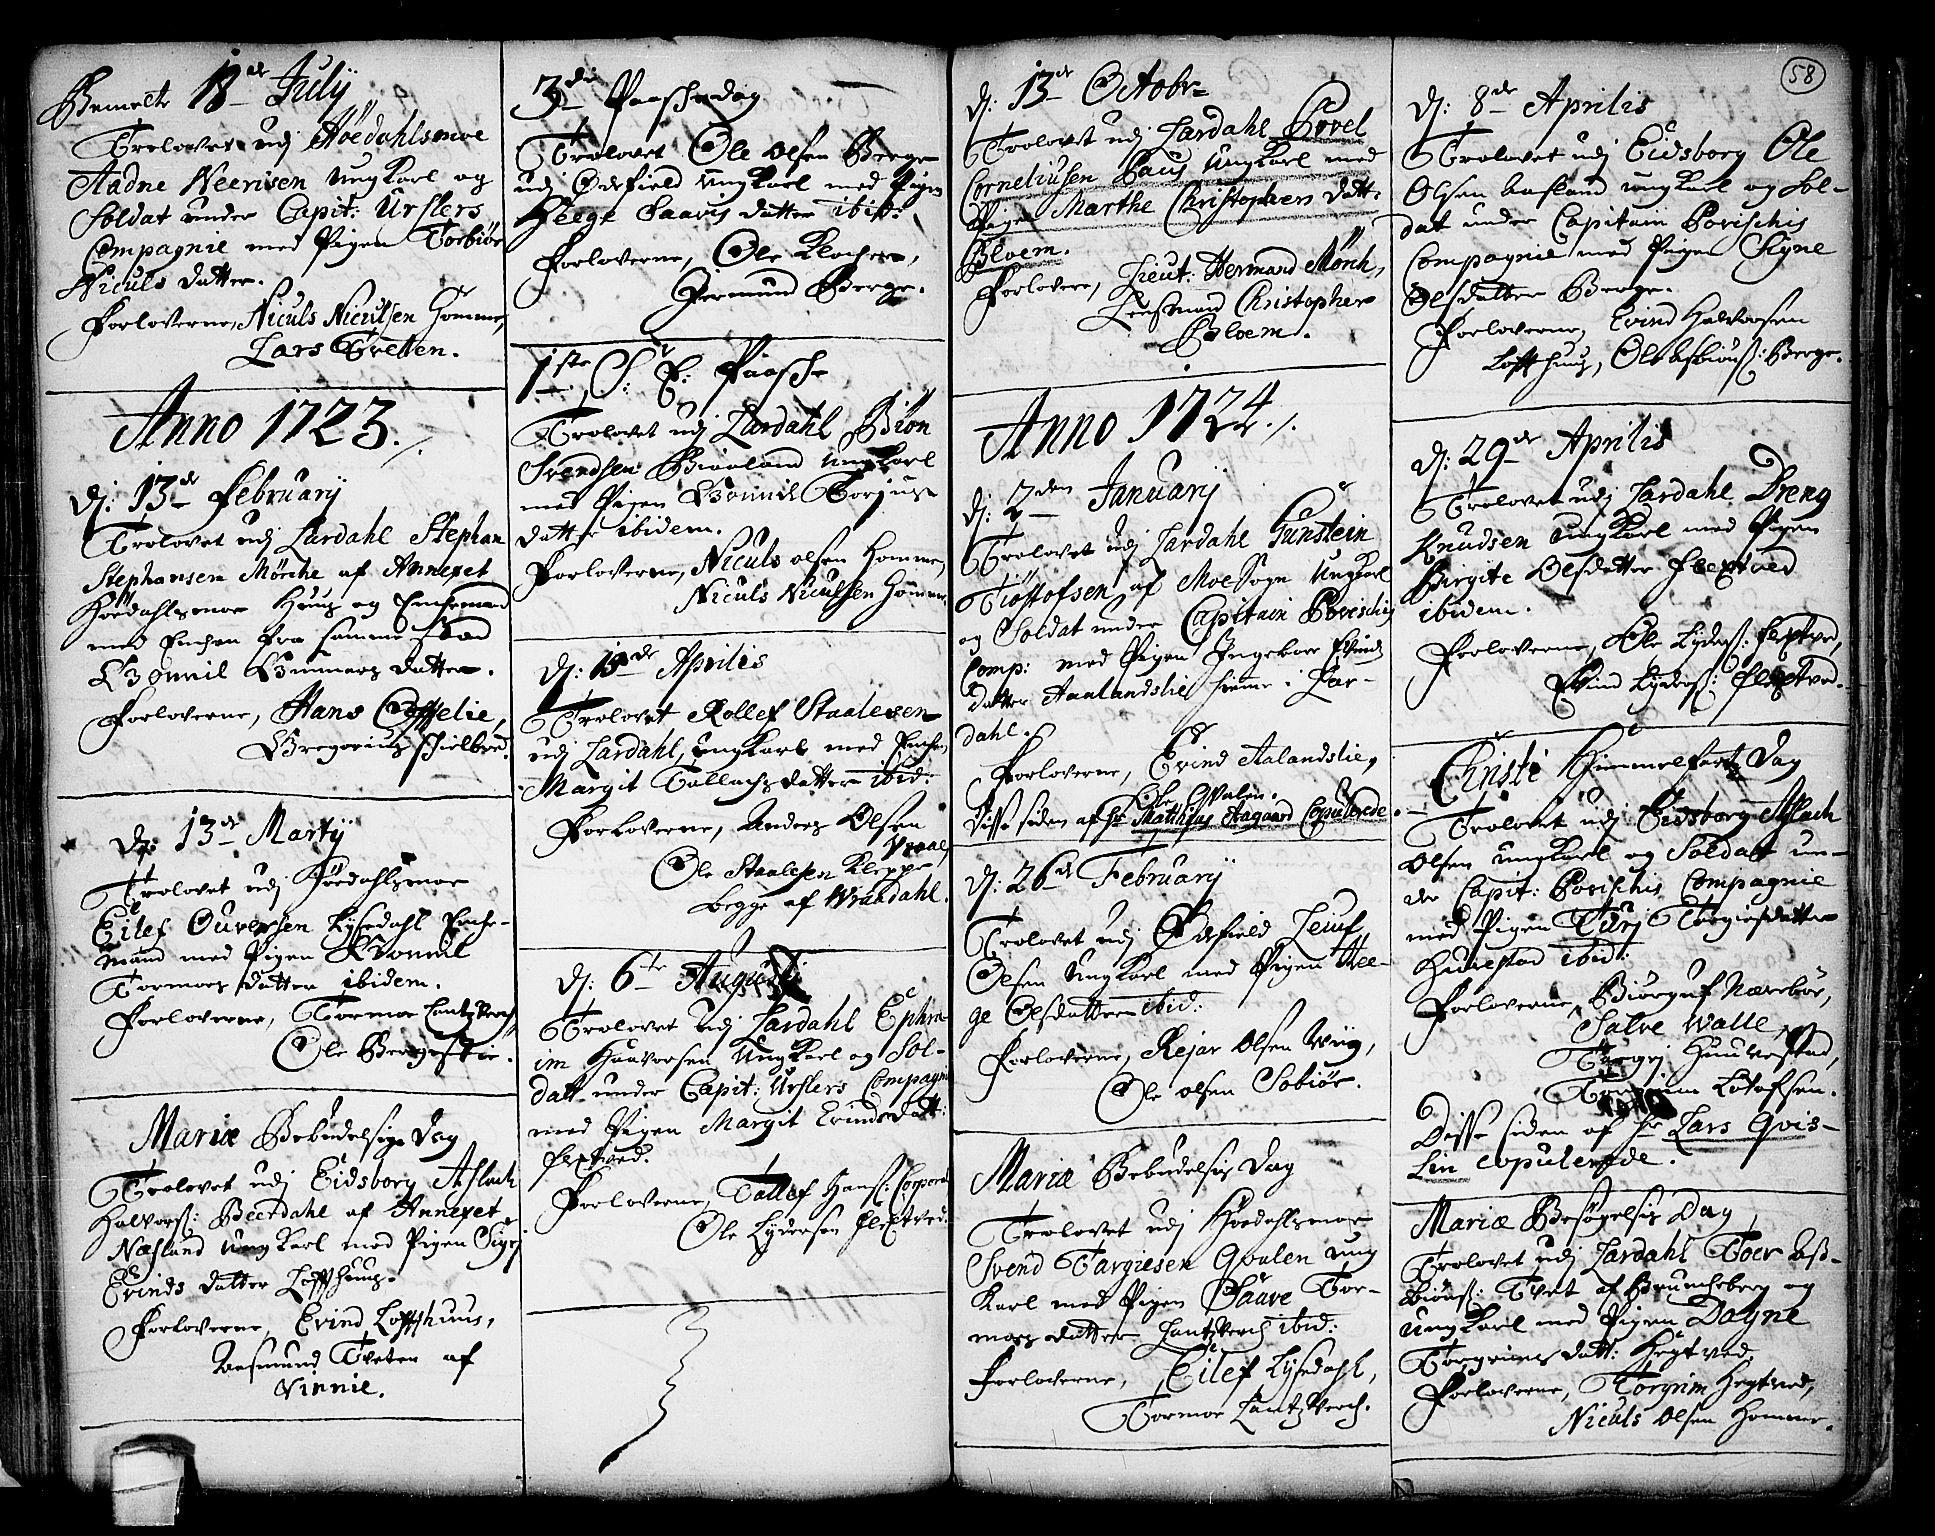 SAKO, Lårdal kirkebøker, F/Fa/L0001: Ministerialbok nr. I 1, 1721-1734, s. 58